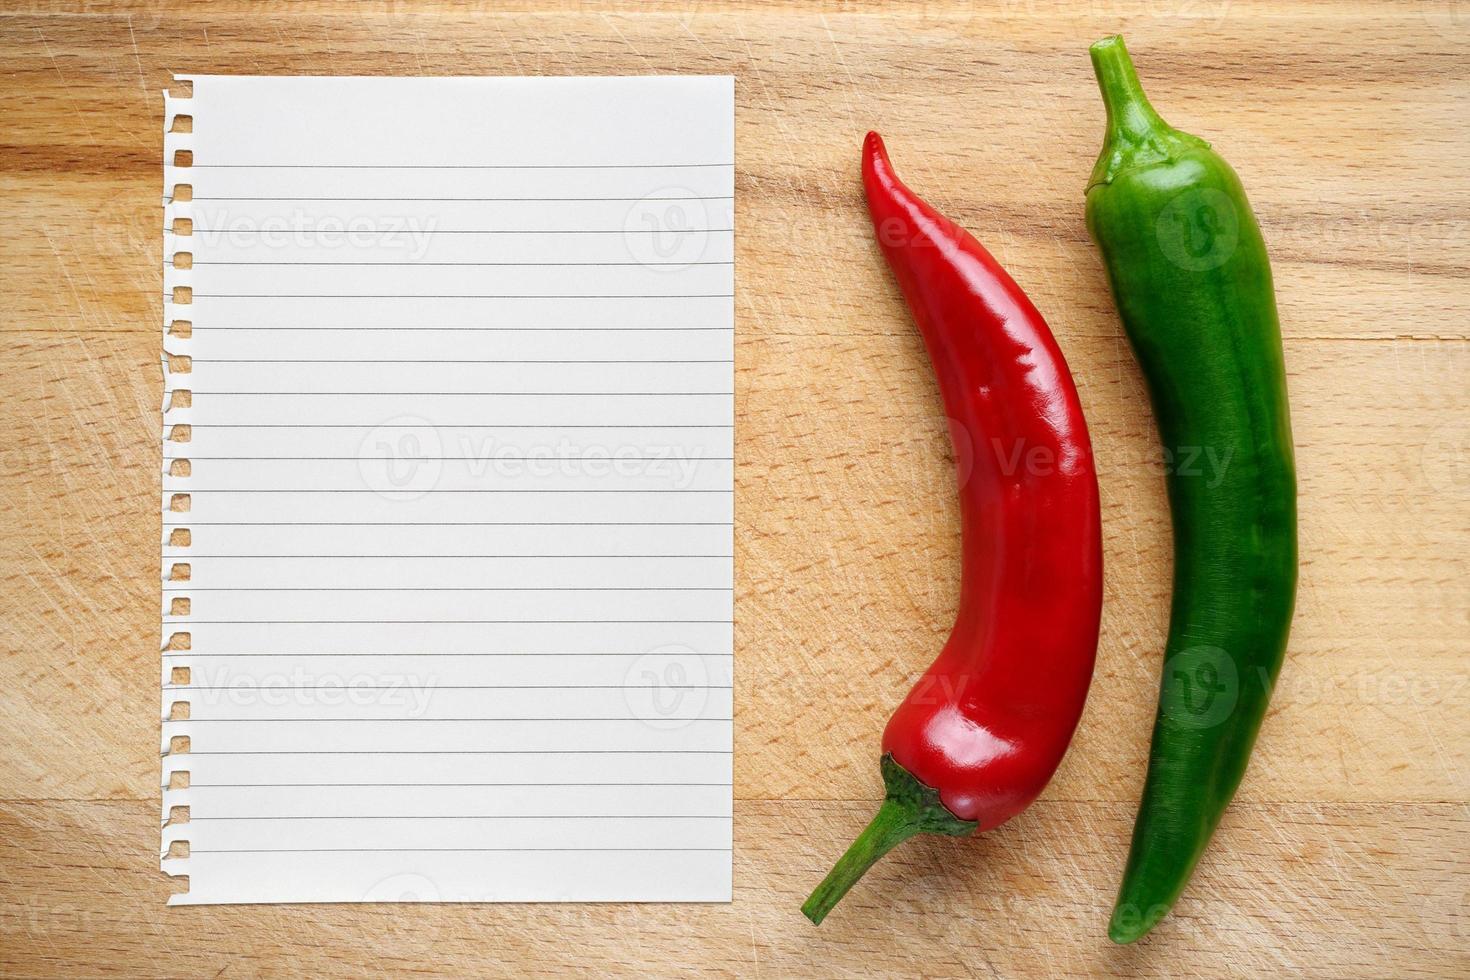 peperoni e carta per ricetta foto